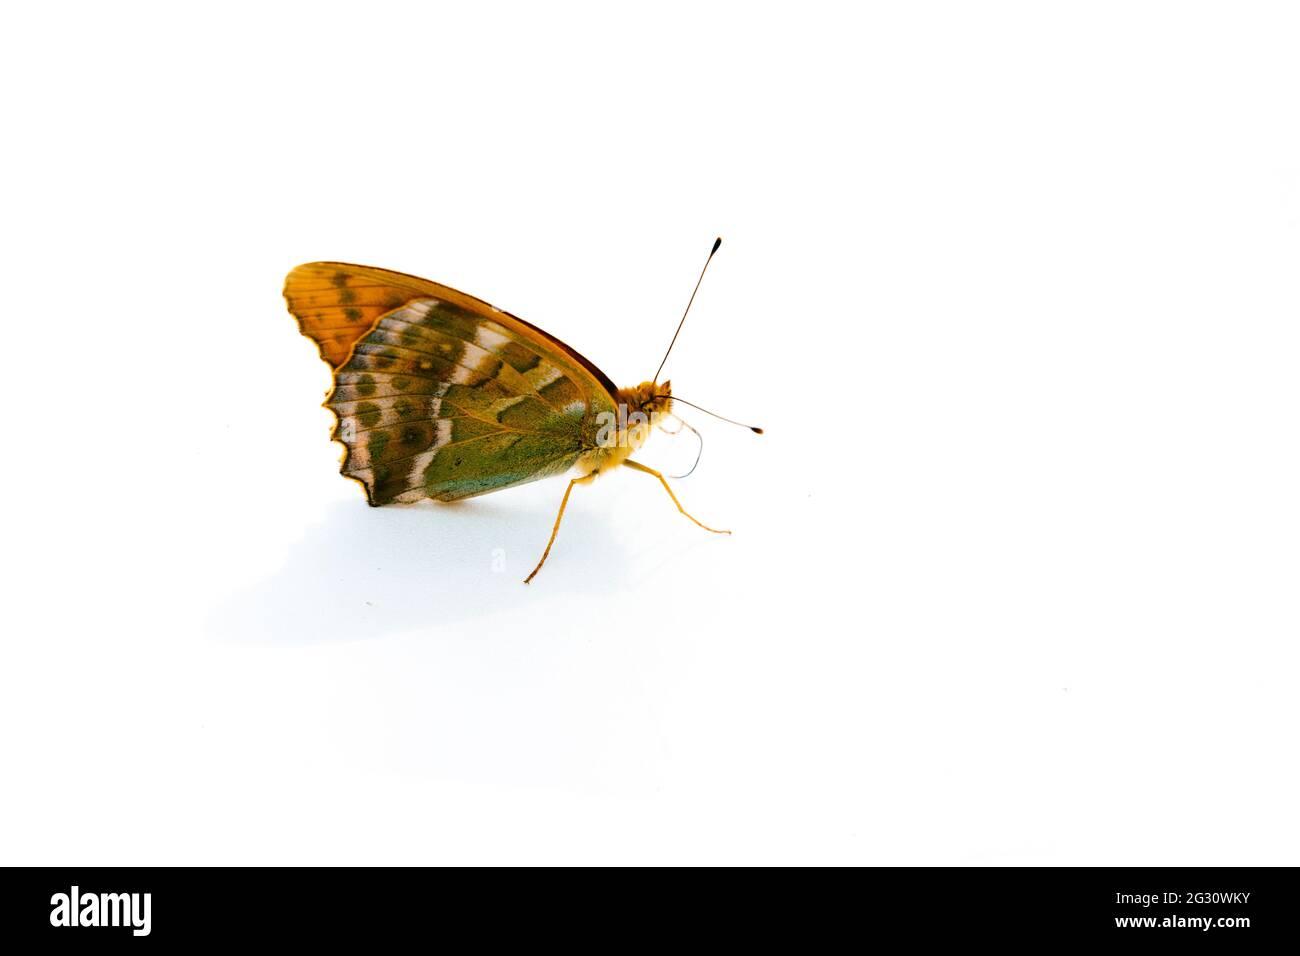 Mariposa. Los Nymphalidae son la familia de mariposas más grande, con más de 6.000 especies distribuidas en la mayor parte del mundo. Perteneciente a. Foto de stock